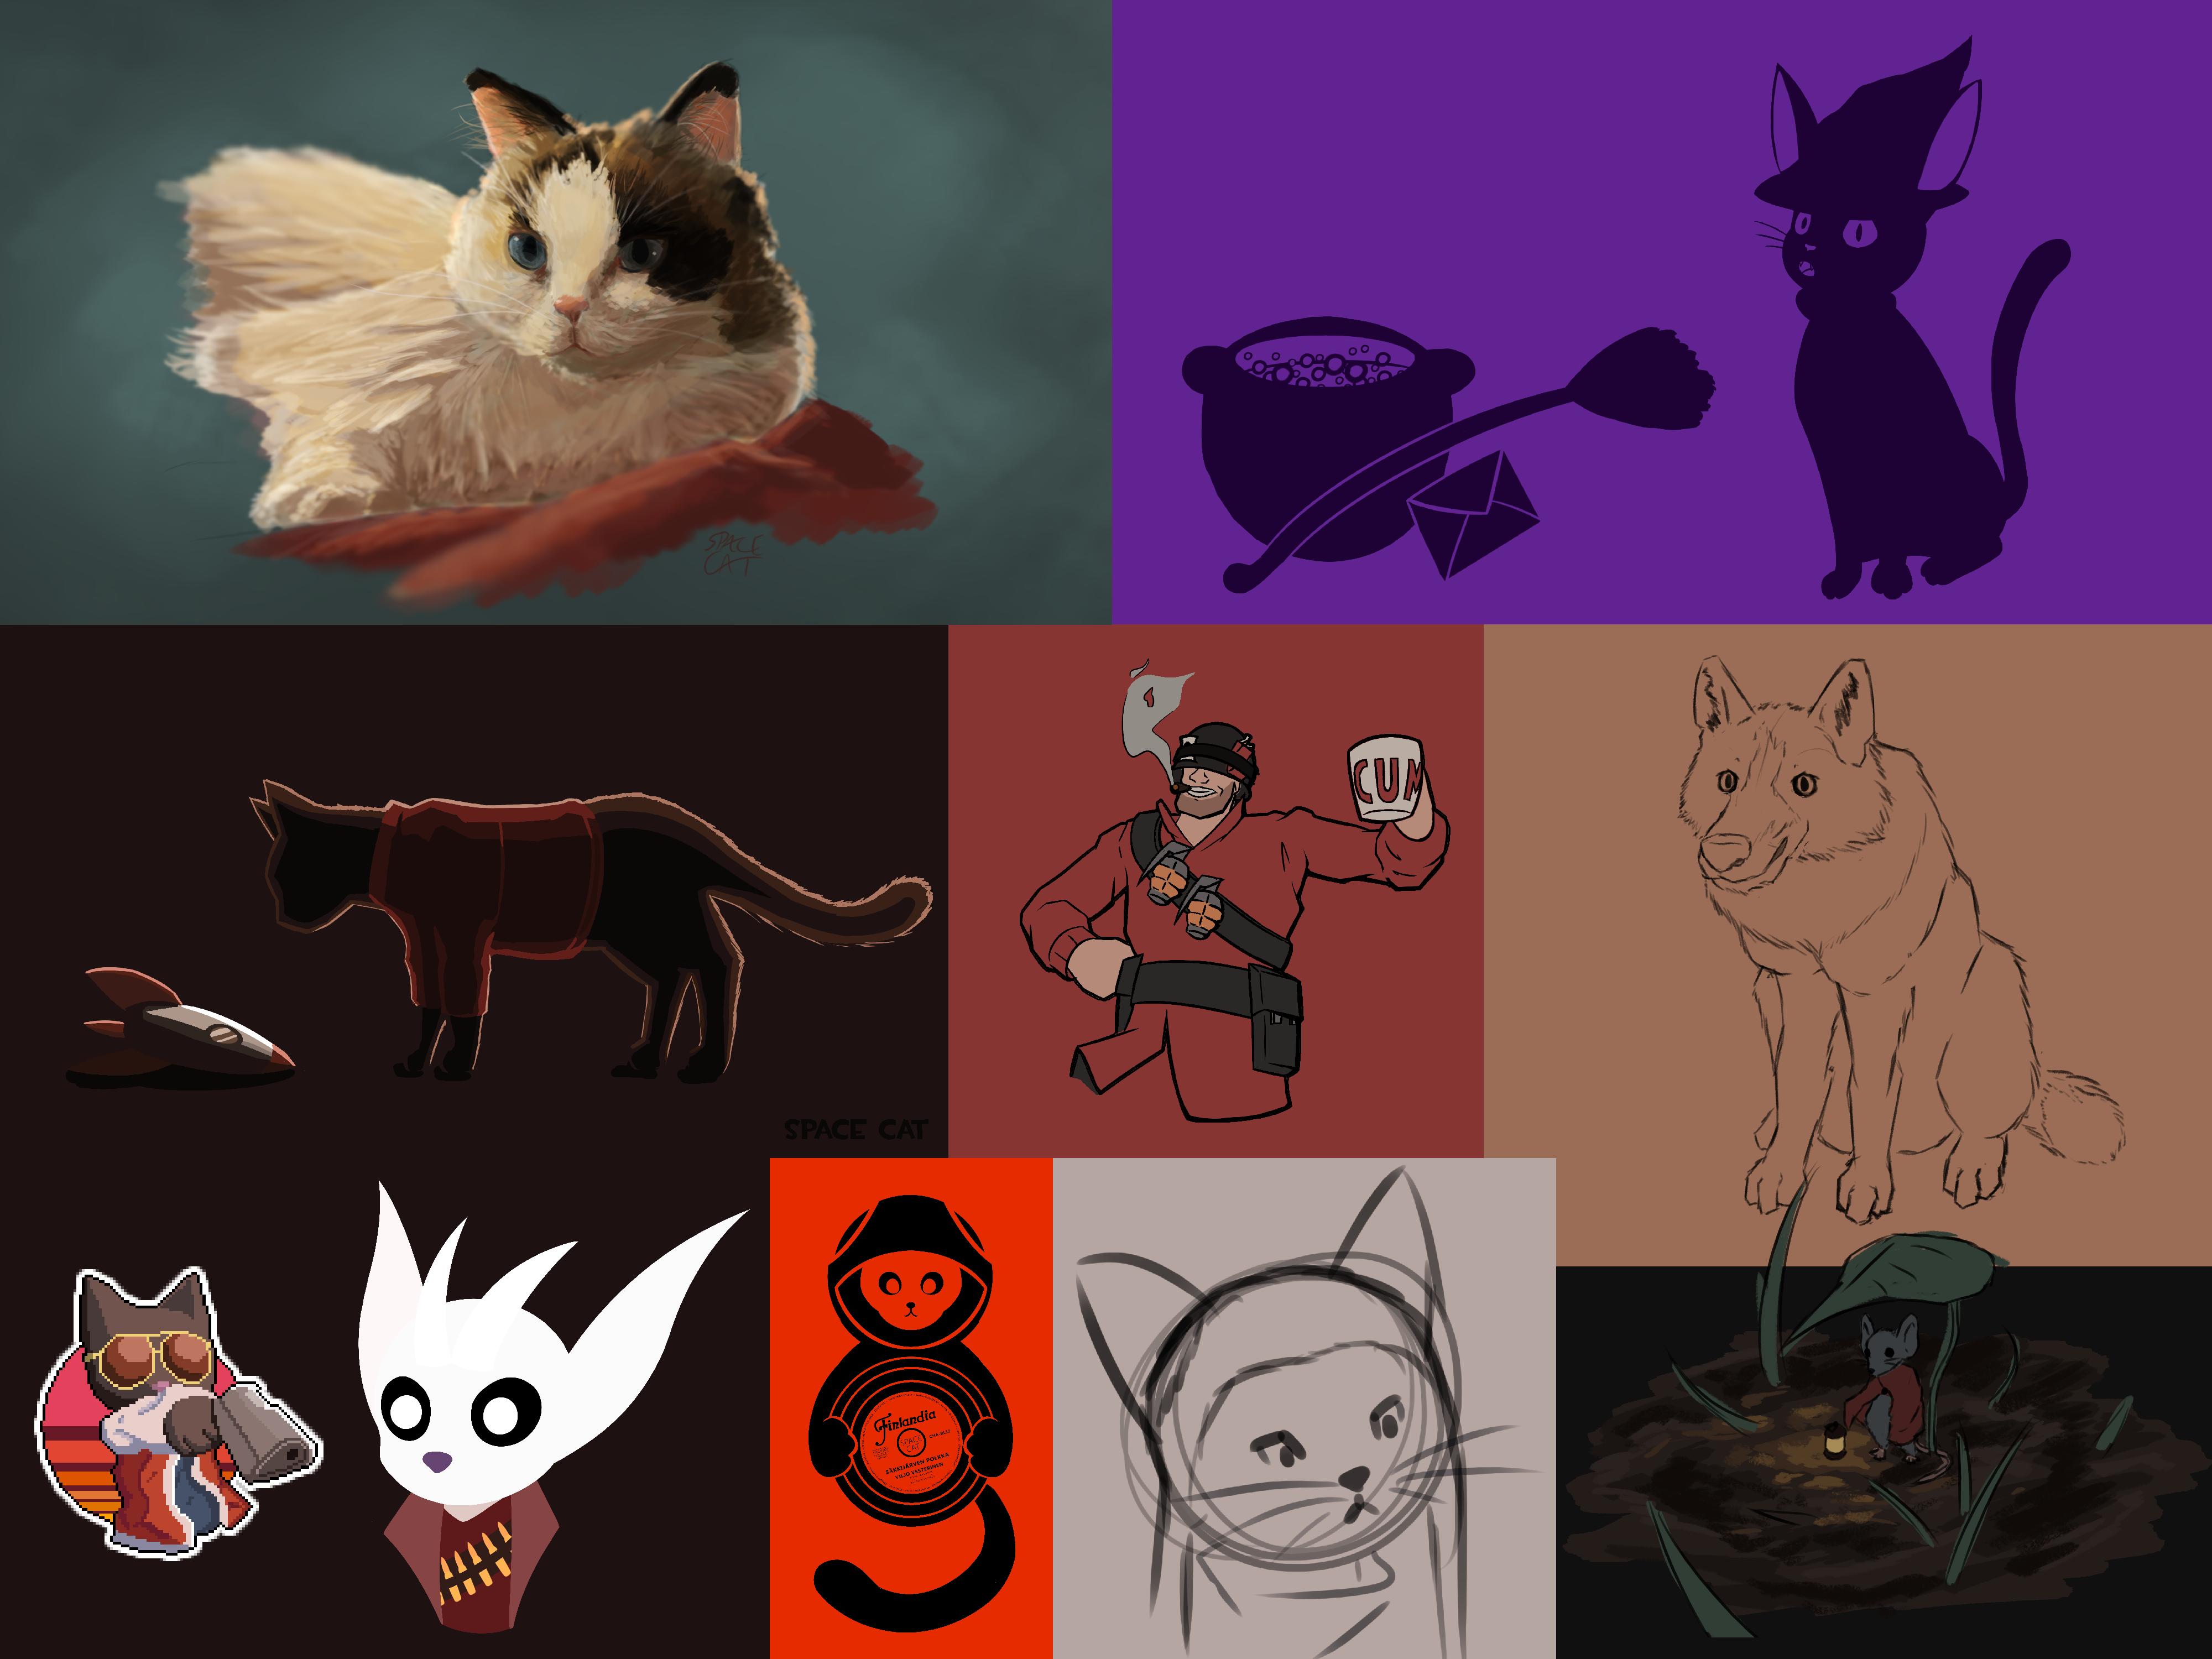 [Portfolio]: Cat in a spacesuit#2738